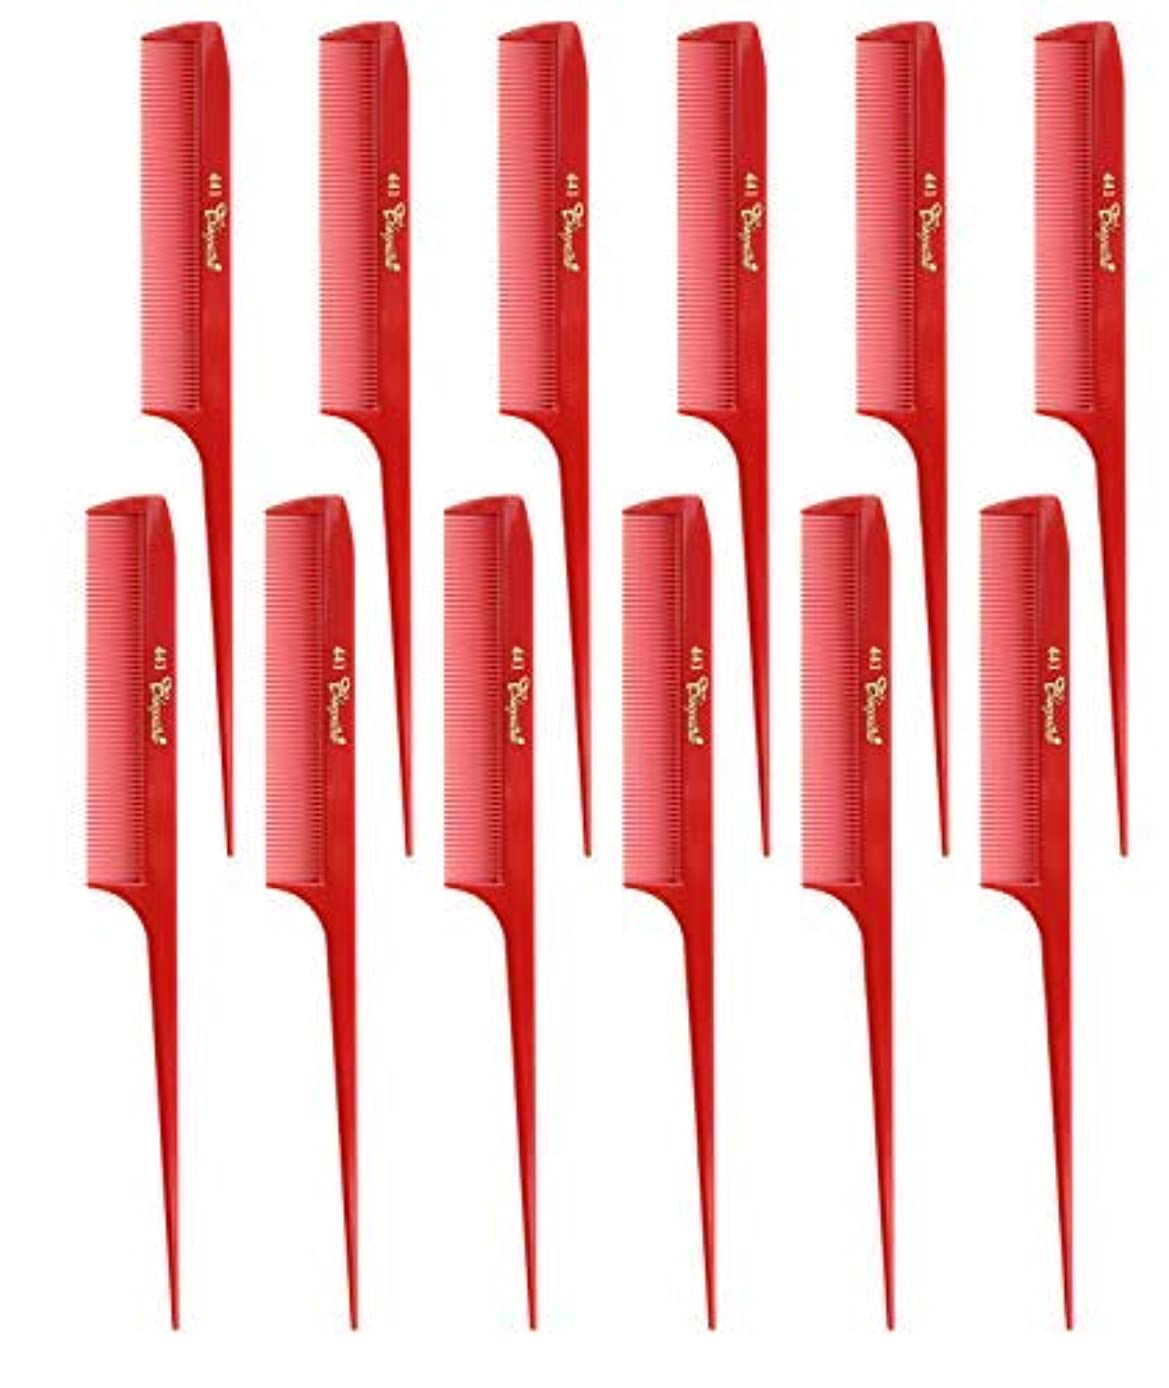 カルシウムレクリエーションシステムKrest Cleopatra 8-1/2 inch Rattail Combs Extra Fine Tooth. Rat Tail comb Model #441 Color Red. 1 Dozen [並行輸入品]